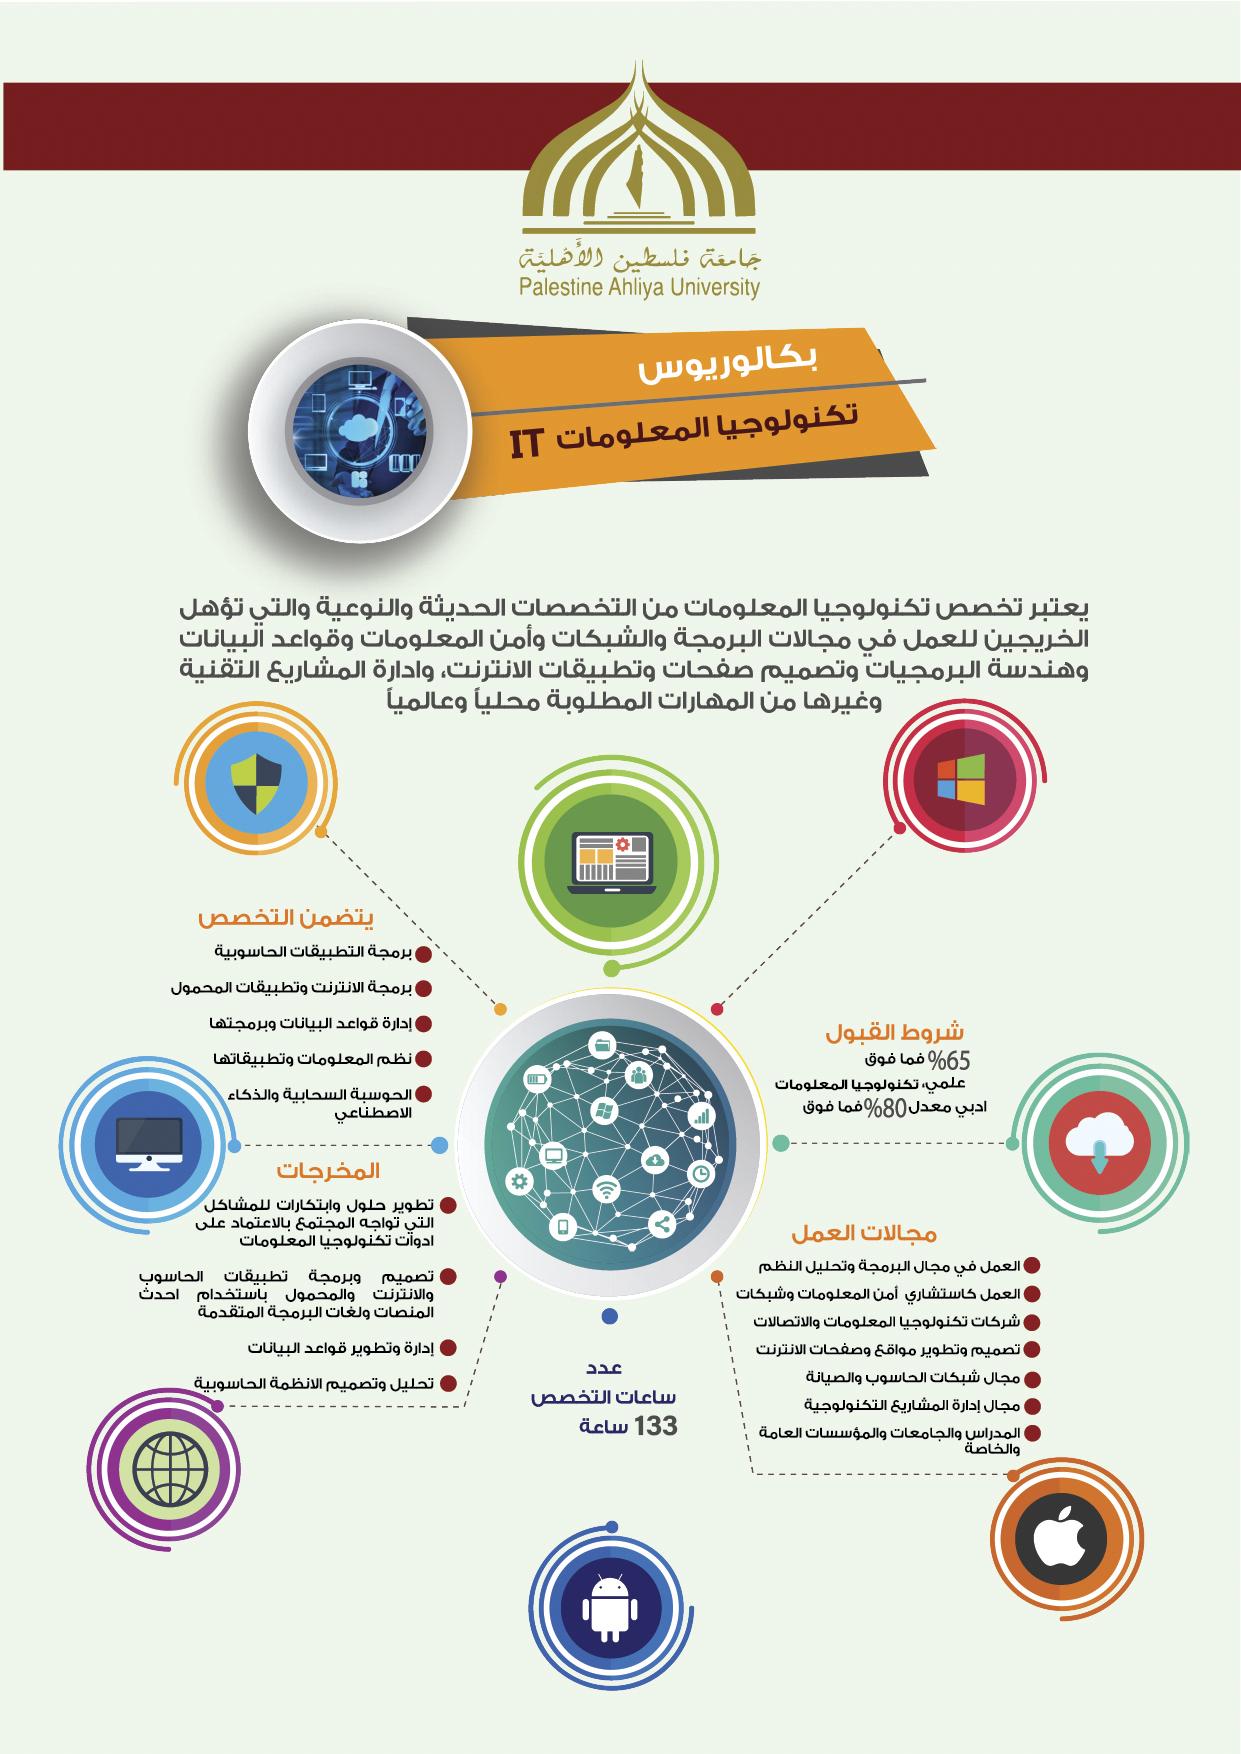 IT infographics new text 133 - قسم تكنولوجيا المعلومات